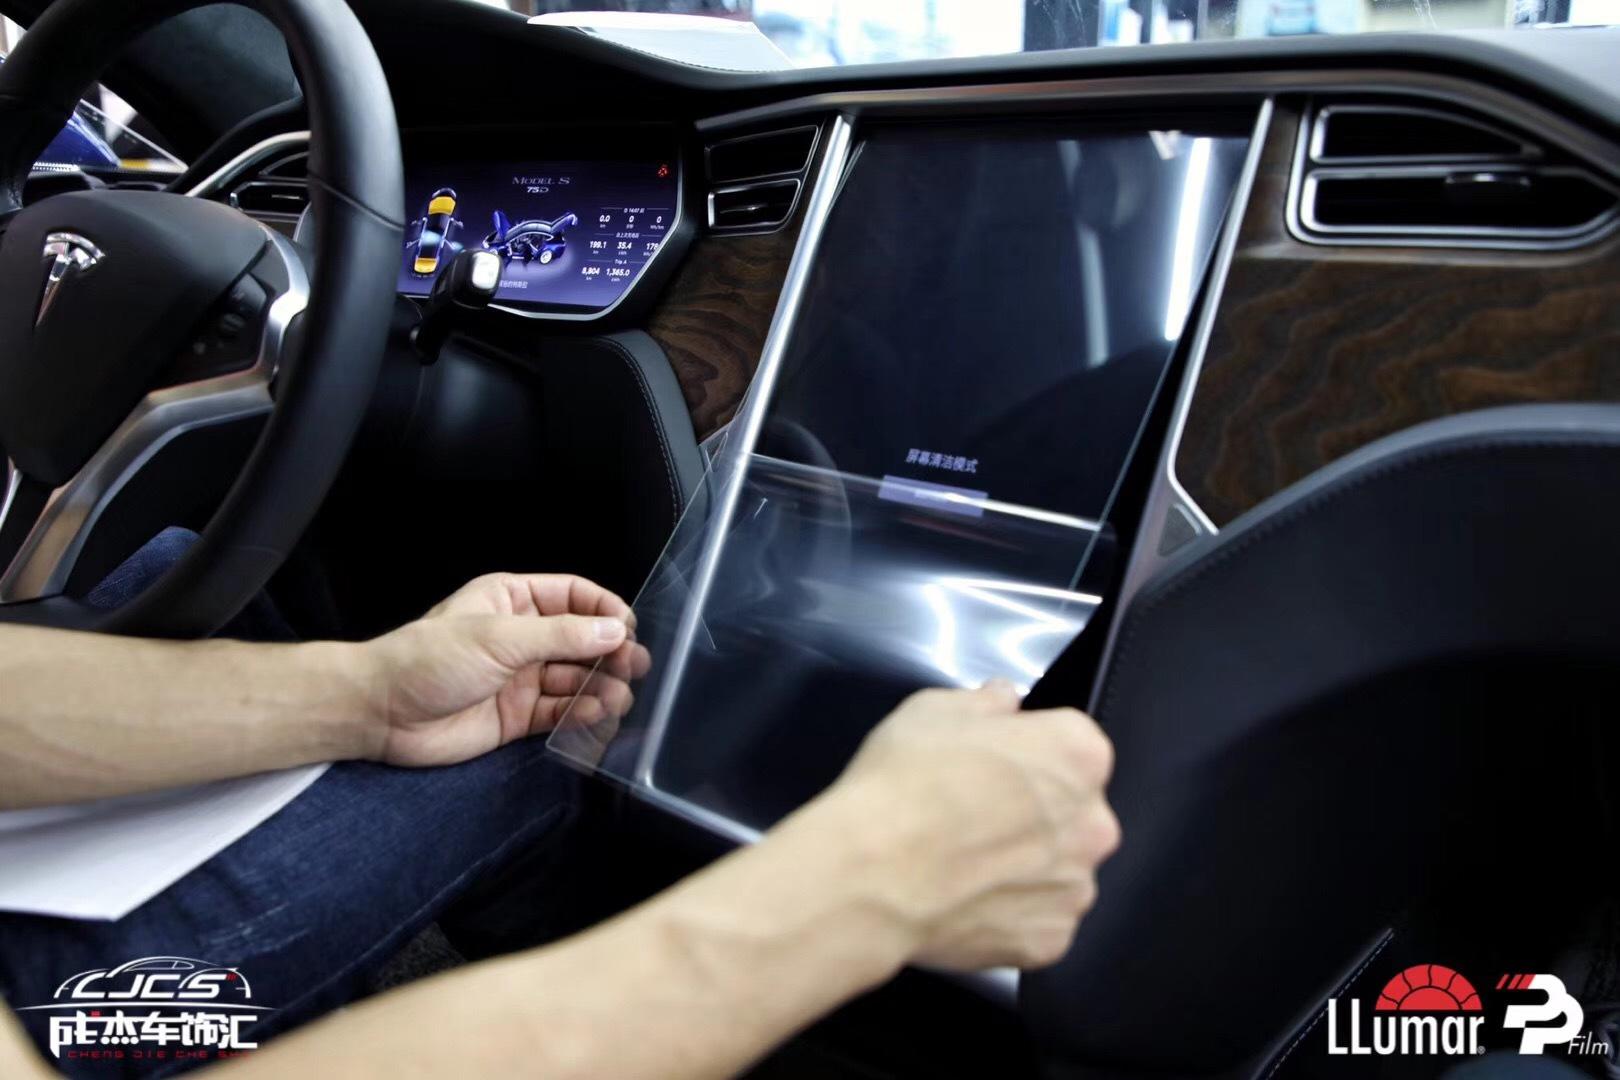 又一台特斯拉Model S到店完美装贴龙膜PPF隐形车衣